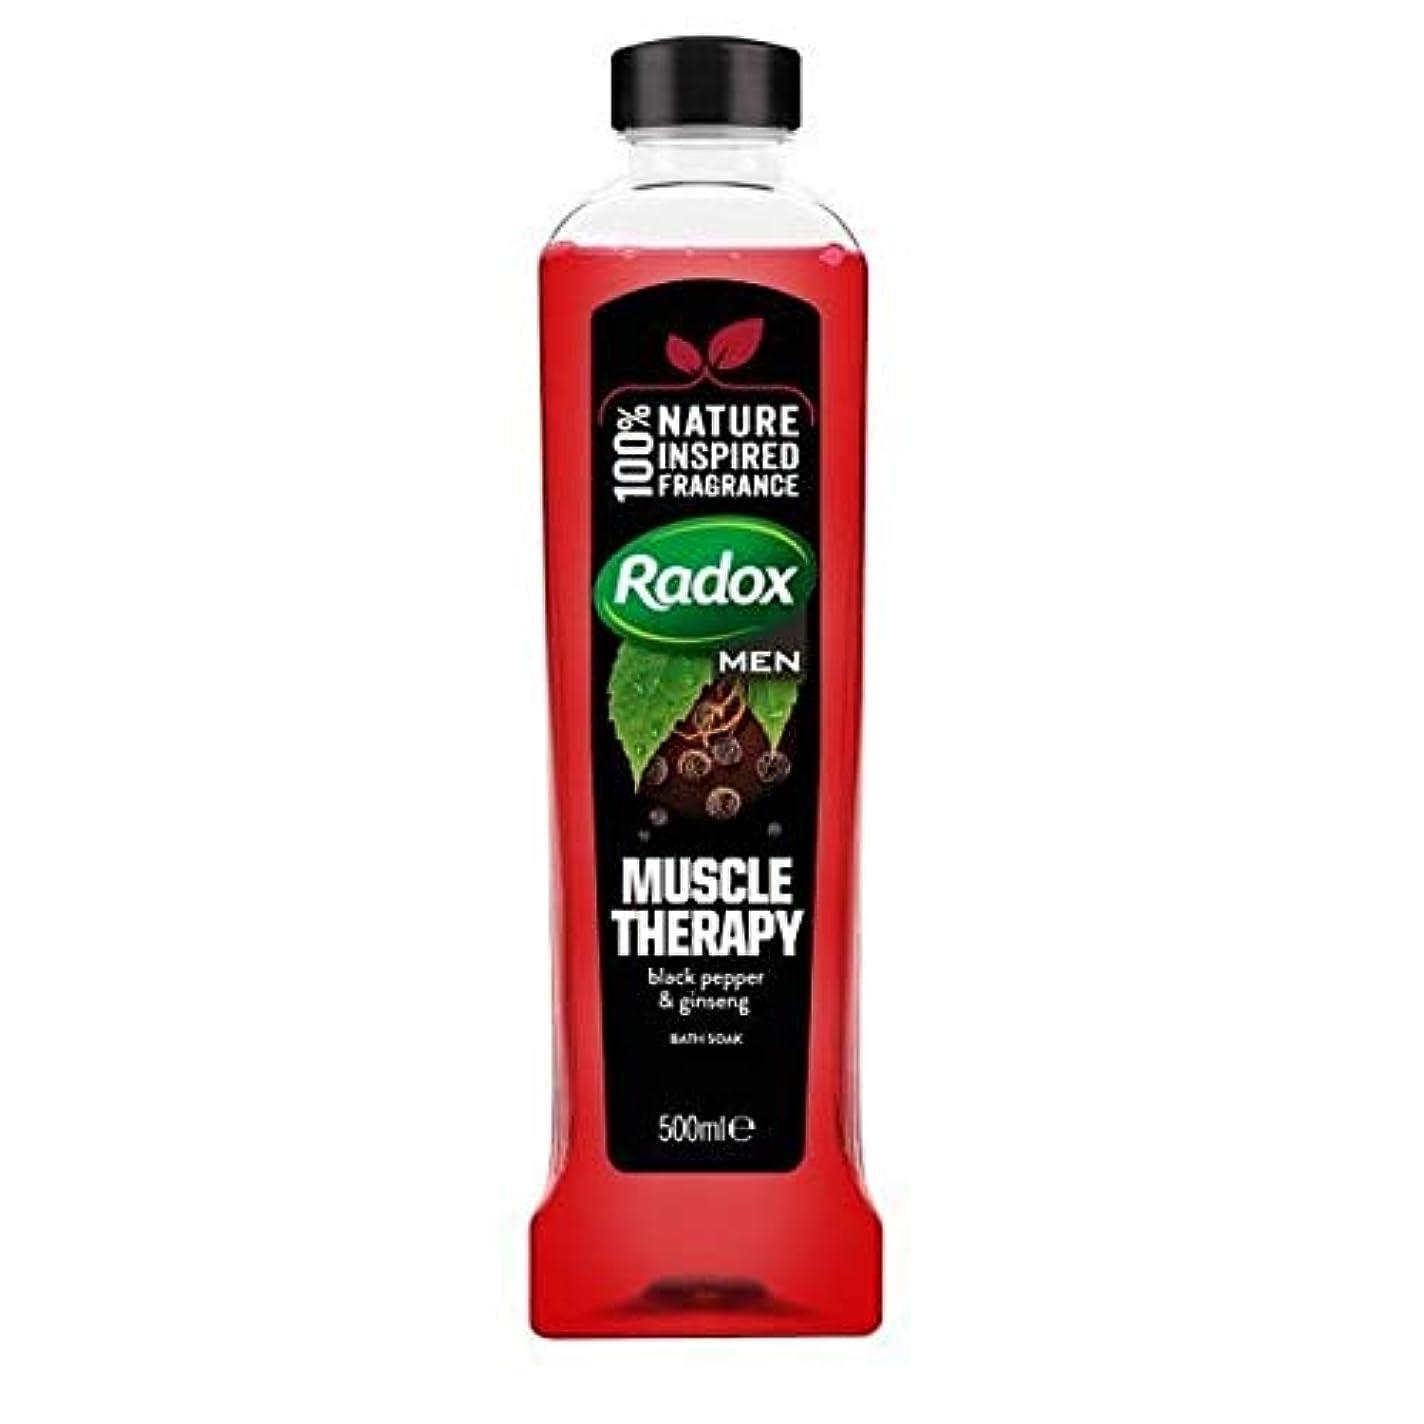 エゴイズムガス適格[Radox] Radoxは、500ミリリットルのソーク良い香り筋肉の治療風呂を感じます - Radox Feel Good Fragrance Muscle Therapy Bath Soak 500ml [並行輸入品]